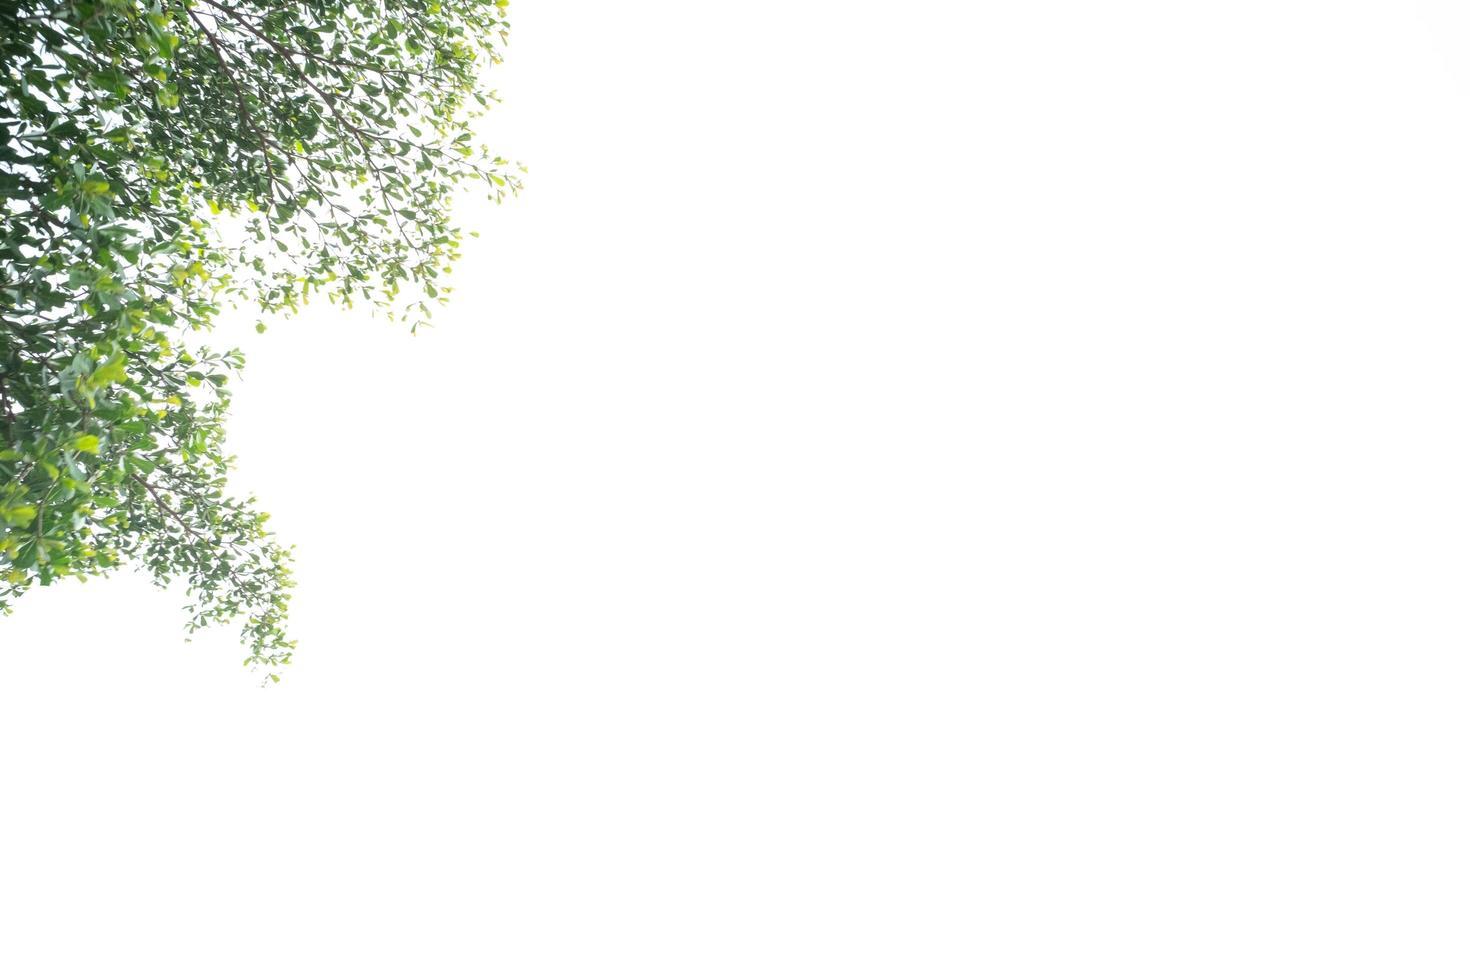 groene bladeren geïsoleerd op een witte achtergrond foto